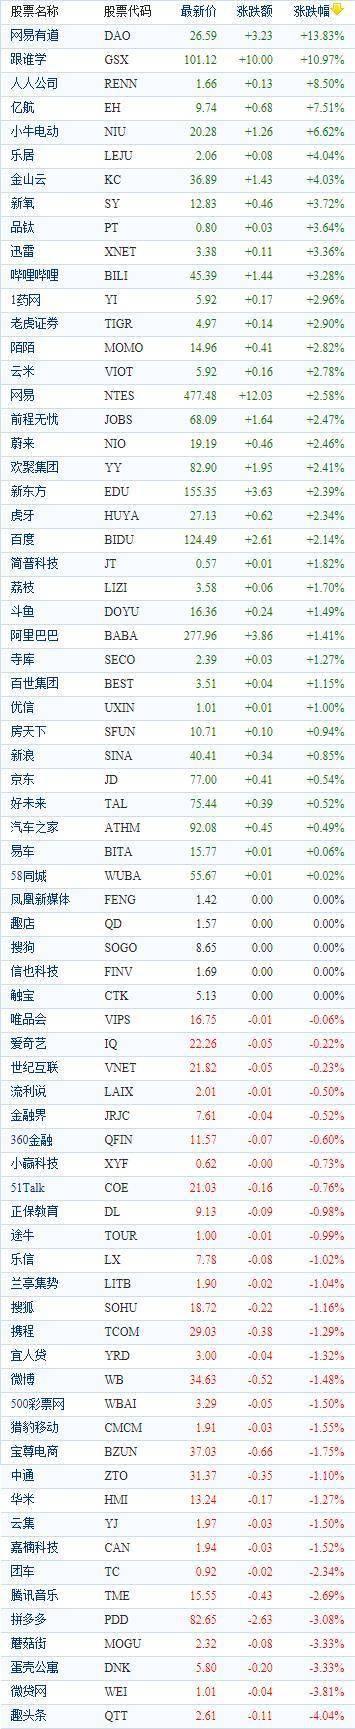 中国 Options股票周二收盘涨跌不一。网易有道上涨近14%。